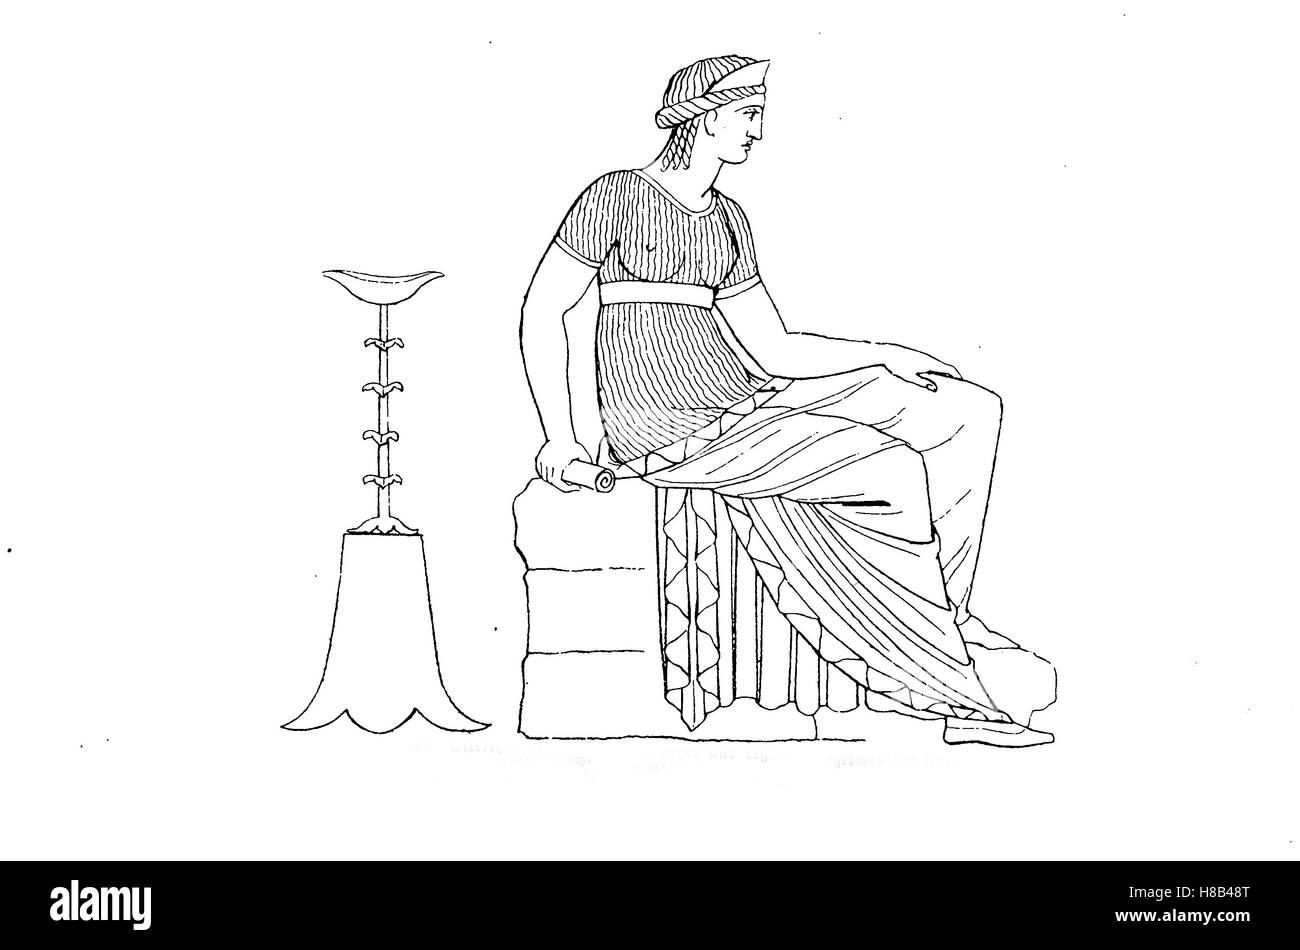 Altmodische Frau Kleider mit einer engen und regelmäßigen Falte nach einer griechischen Vase, Malerei, Stockbild